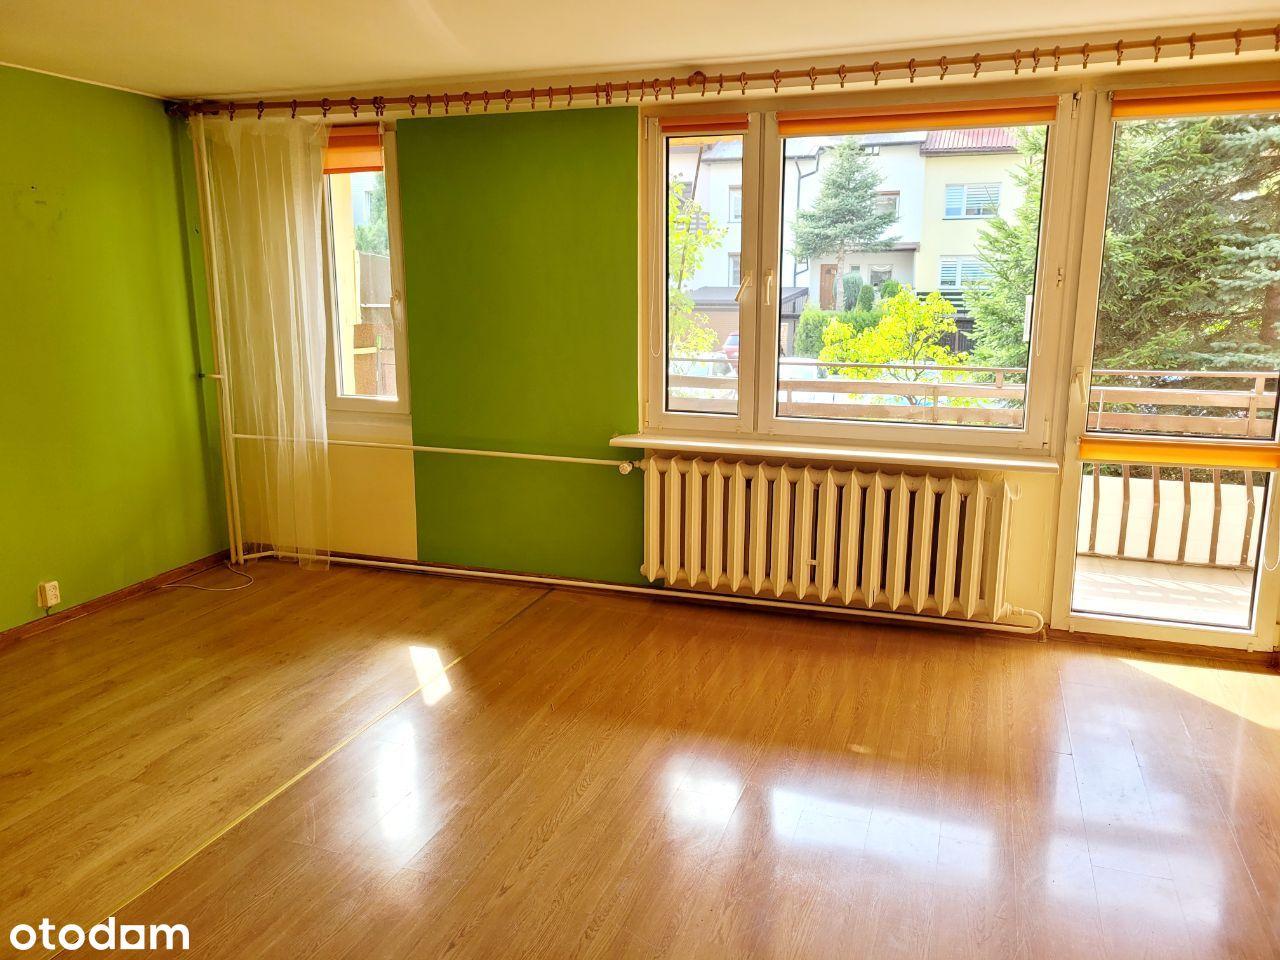 Mieszkanie, 60,10 m², Bełchatów